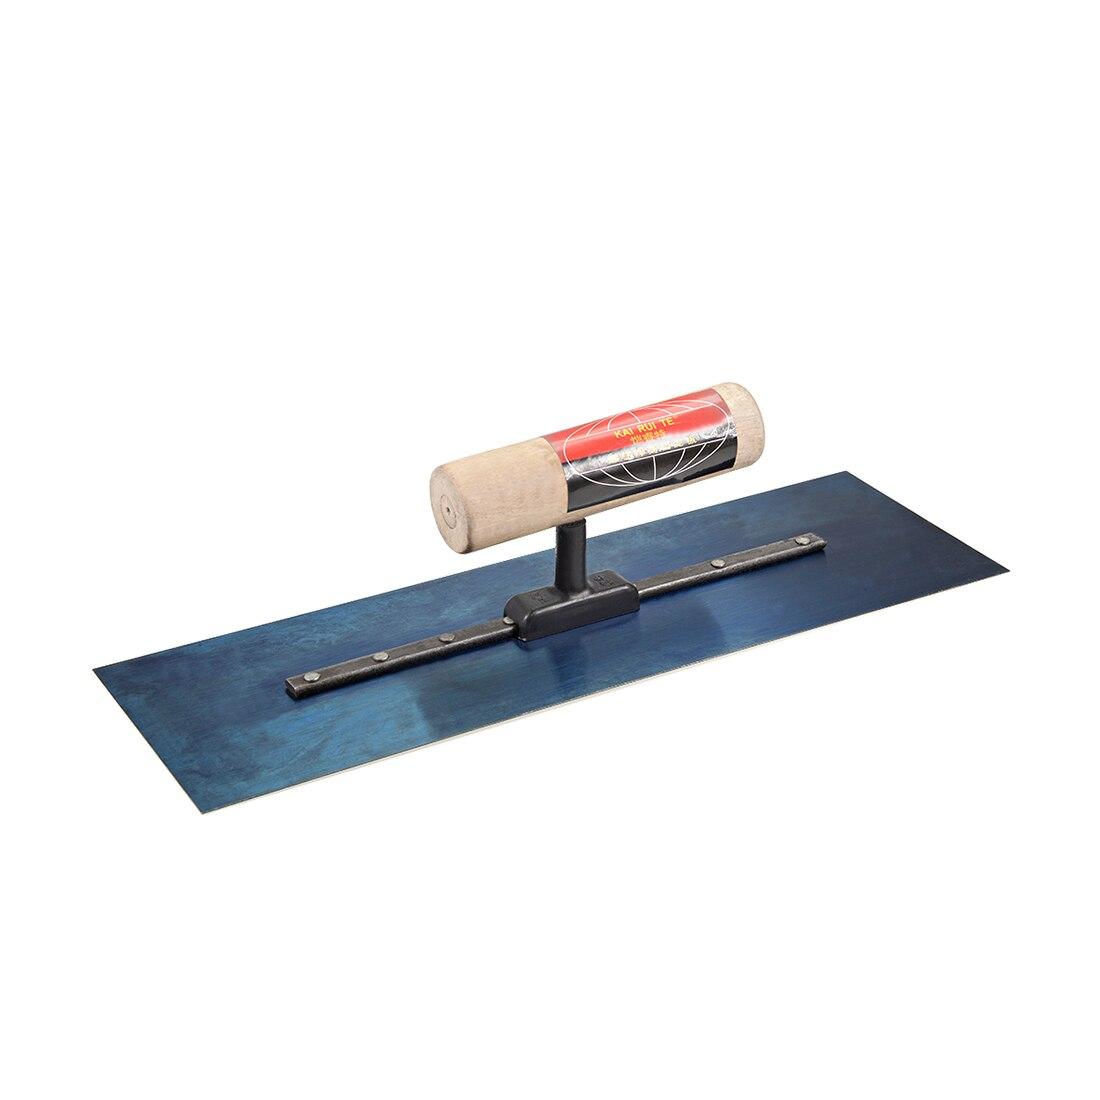 Uxcell 1 pièces maçonnerie main truelle cloison sèche béton finition outil de construction en acier au manganèse manche en bois pour les projets de bricolage couteau